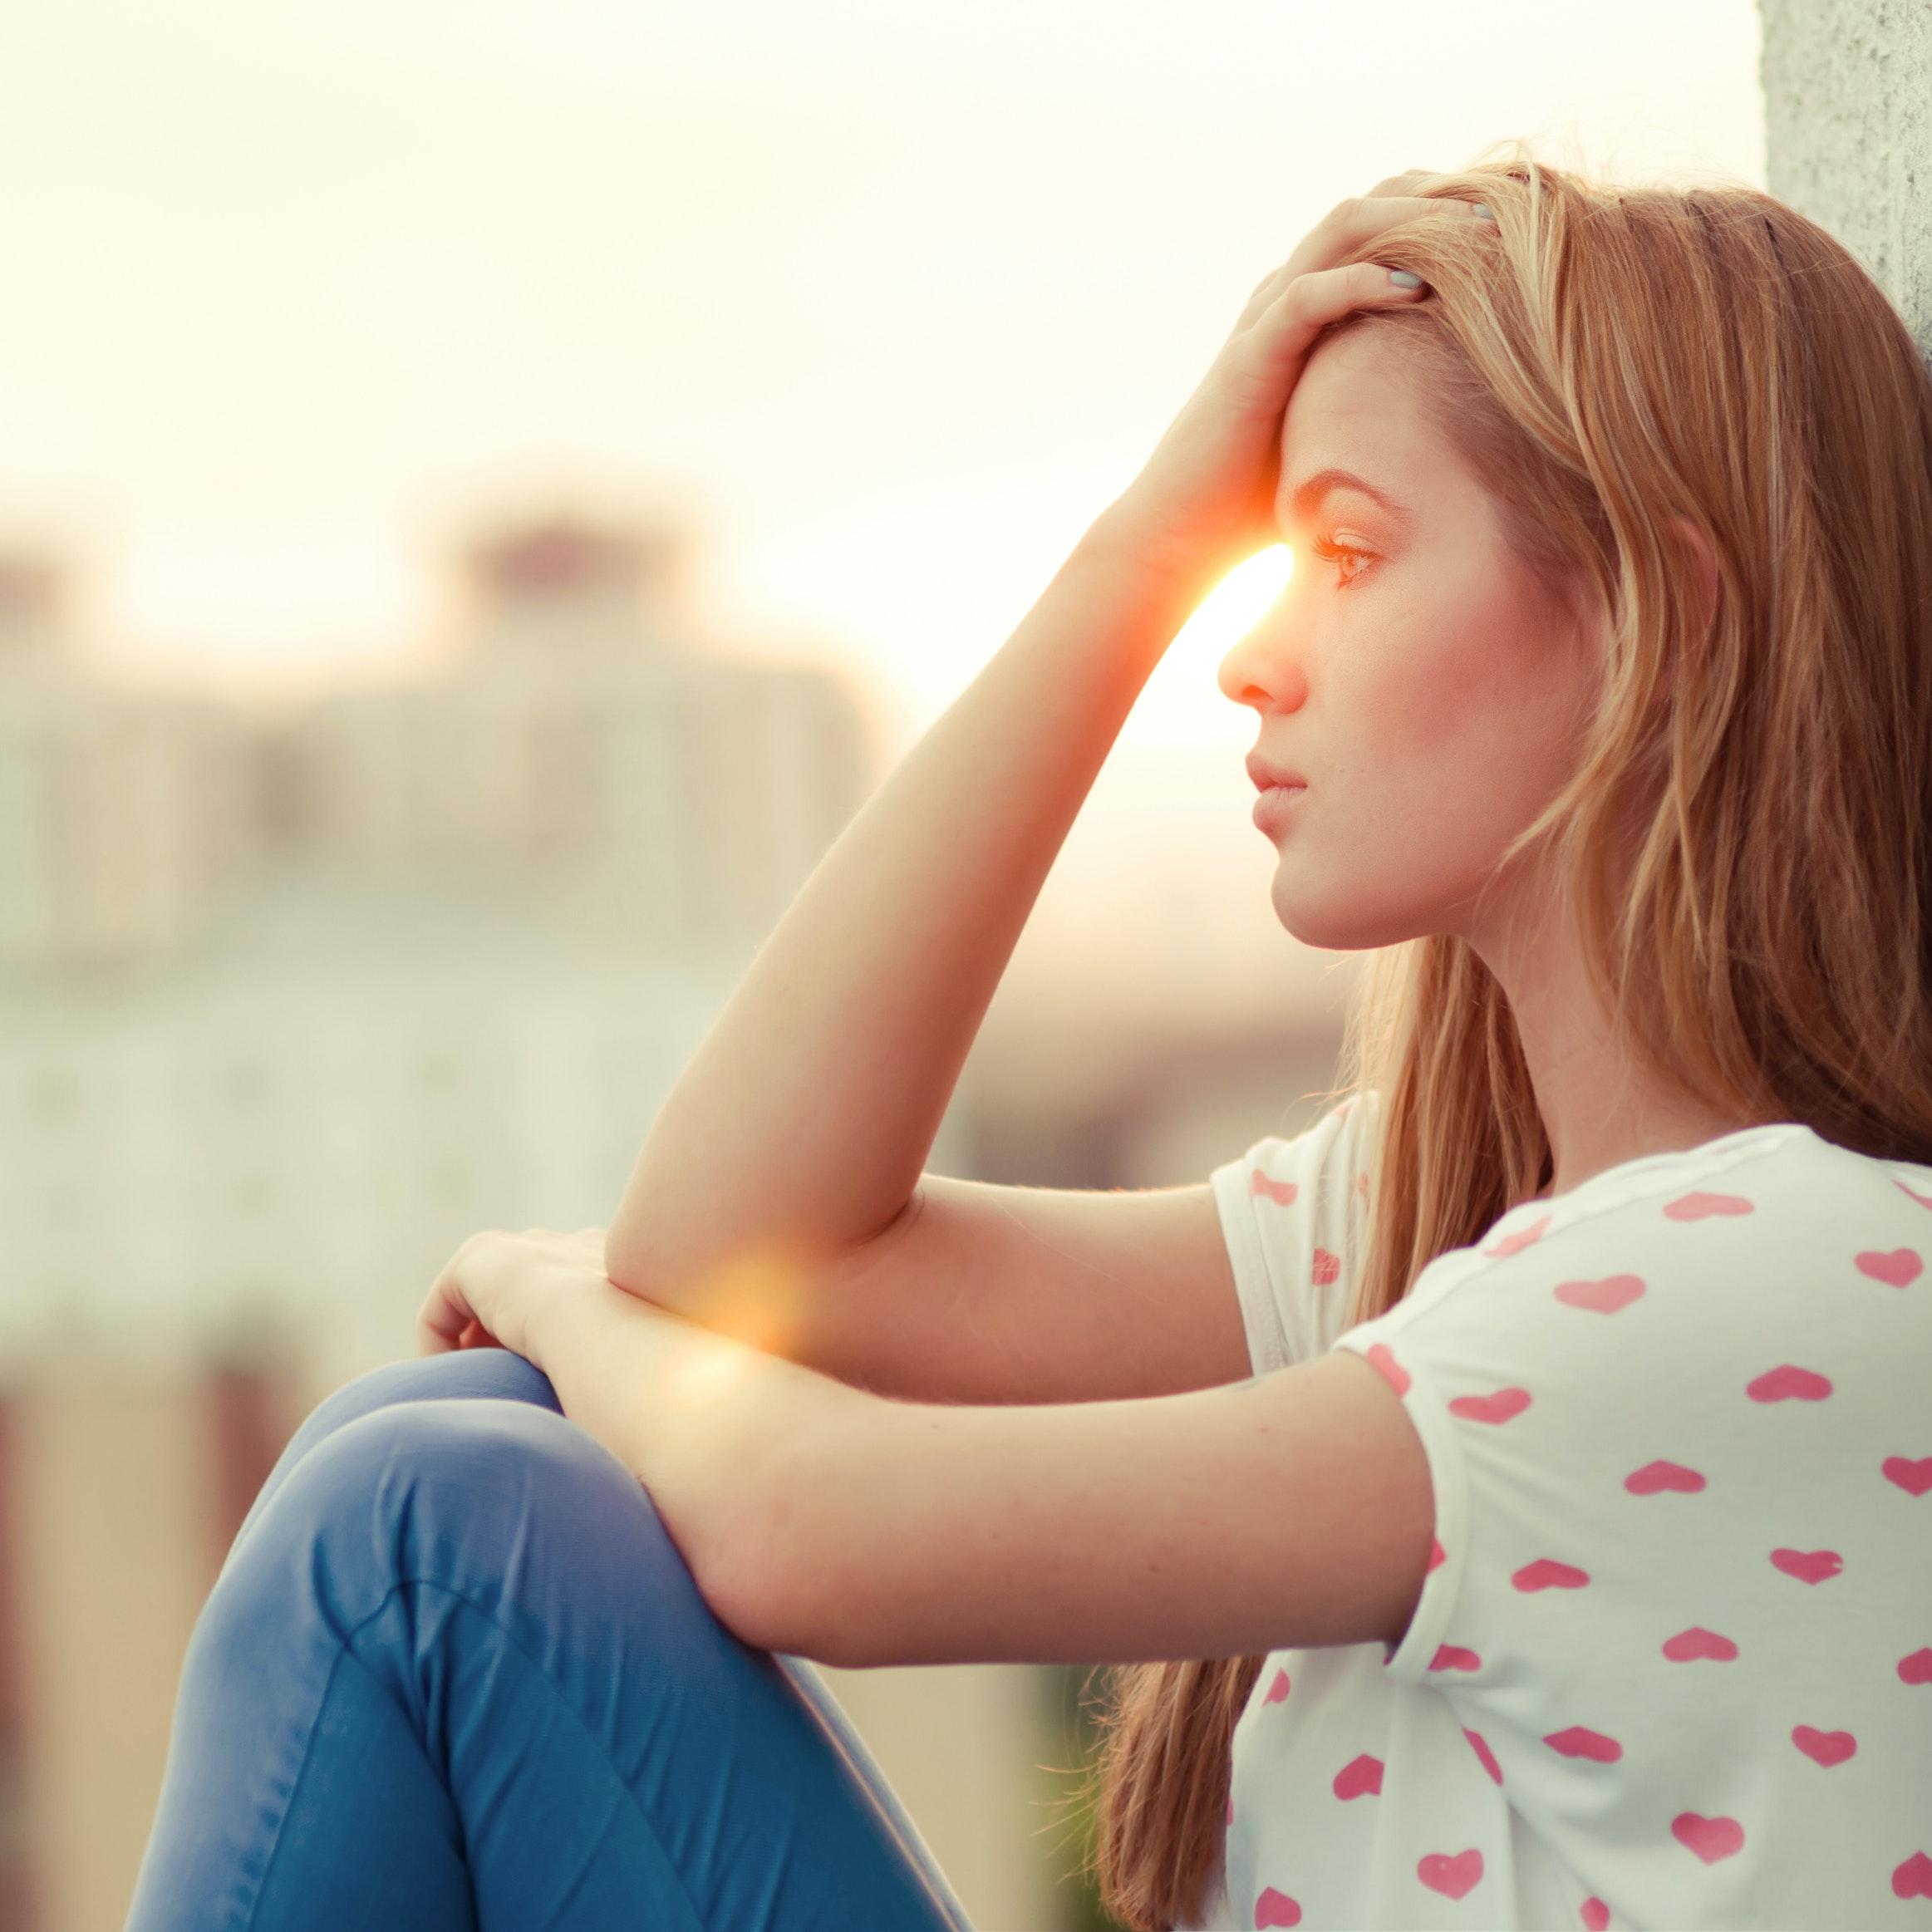 Pige græder over utroskab